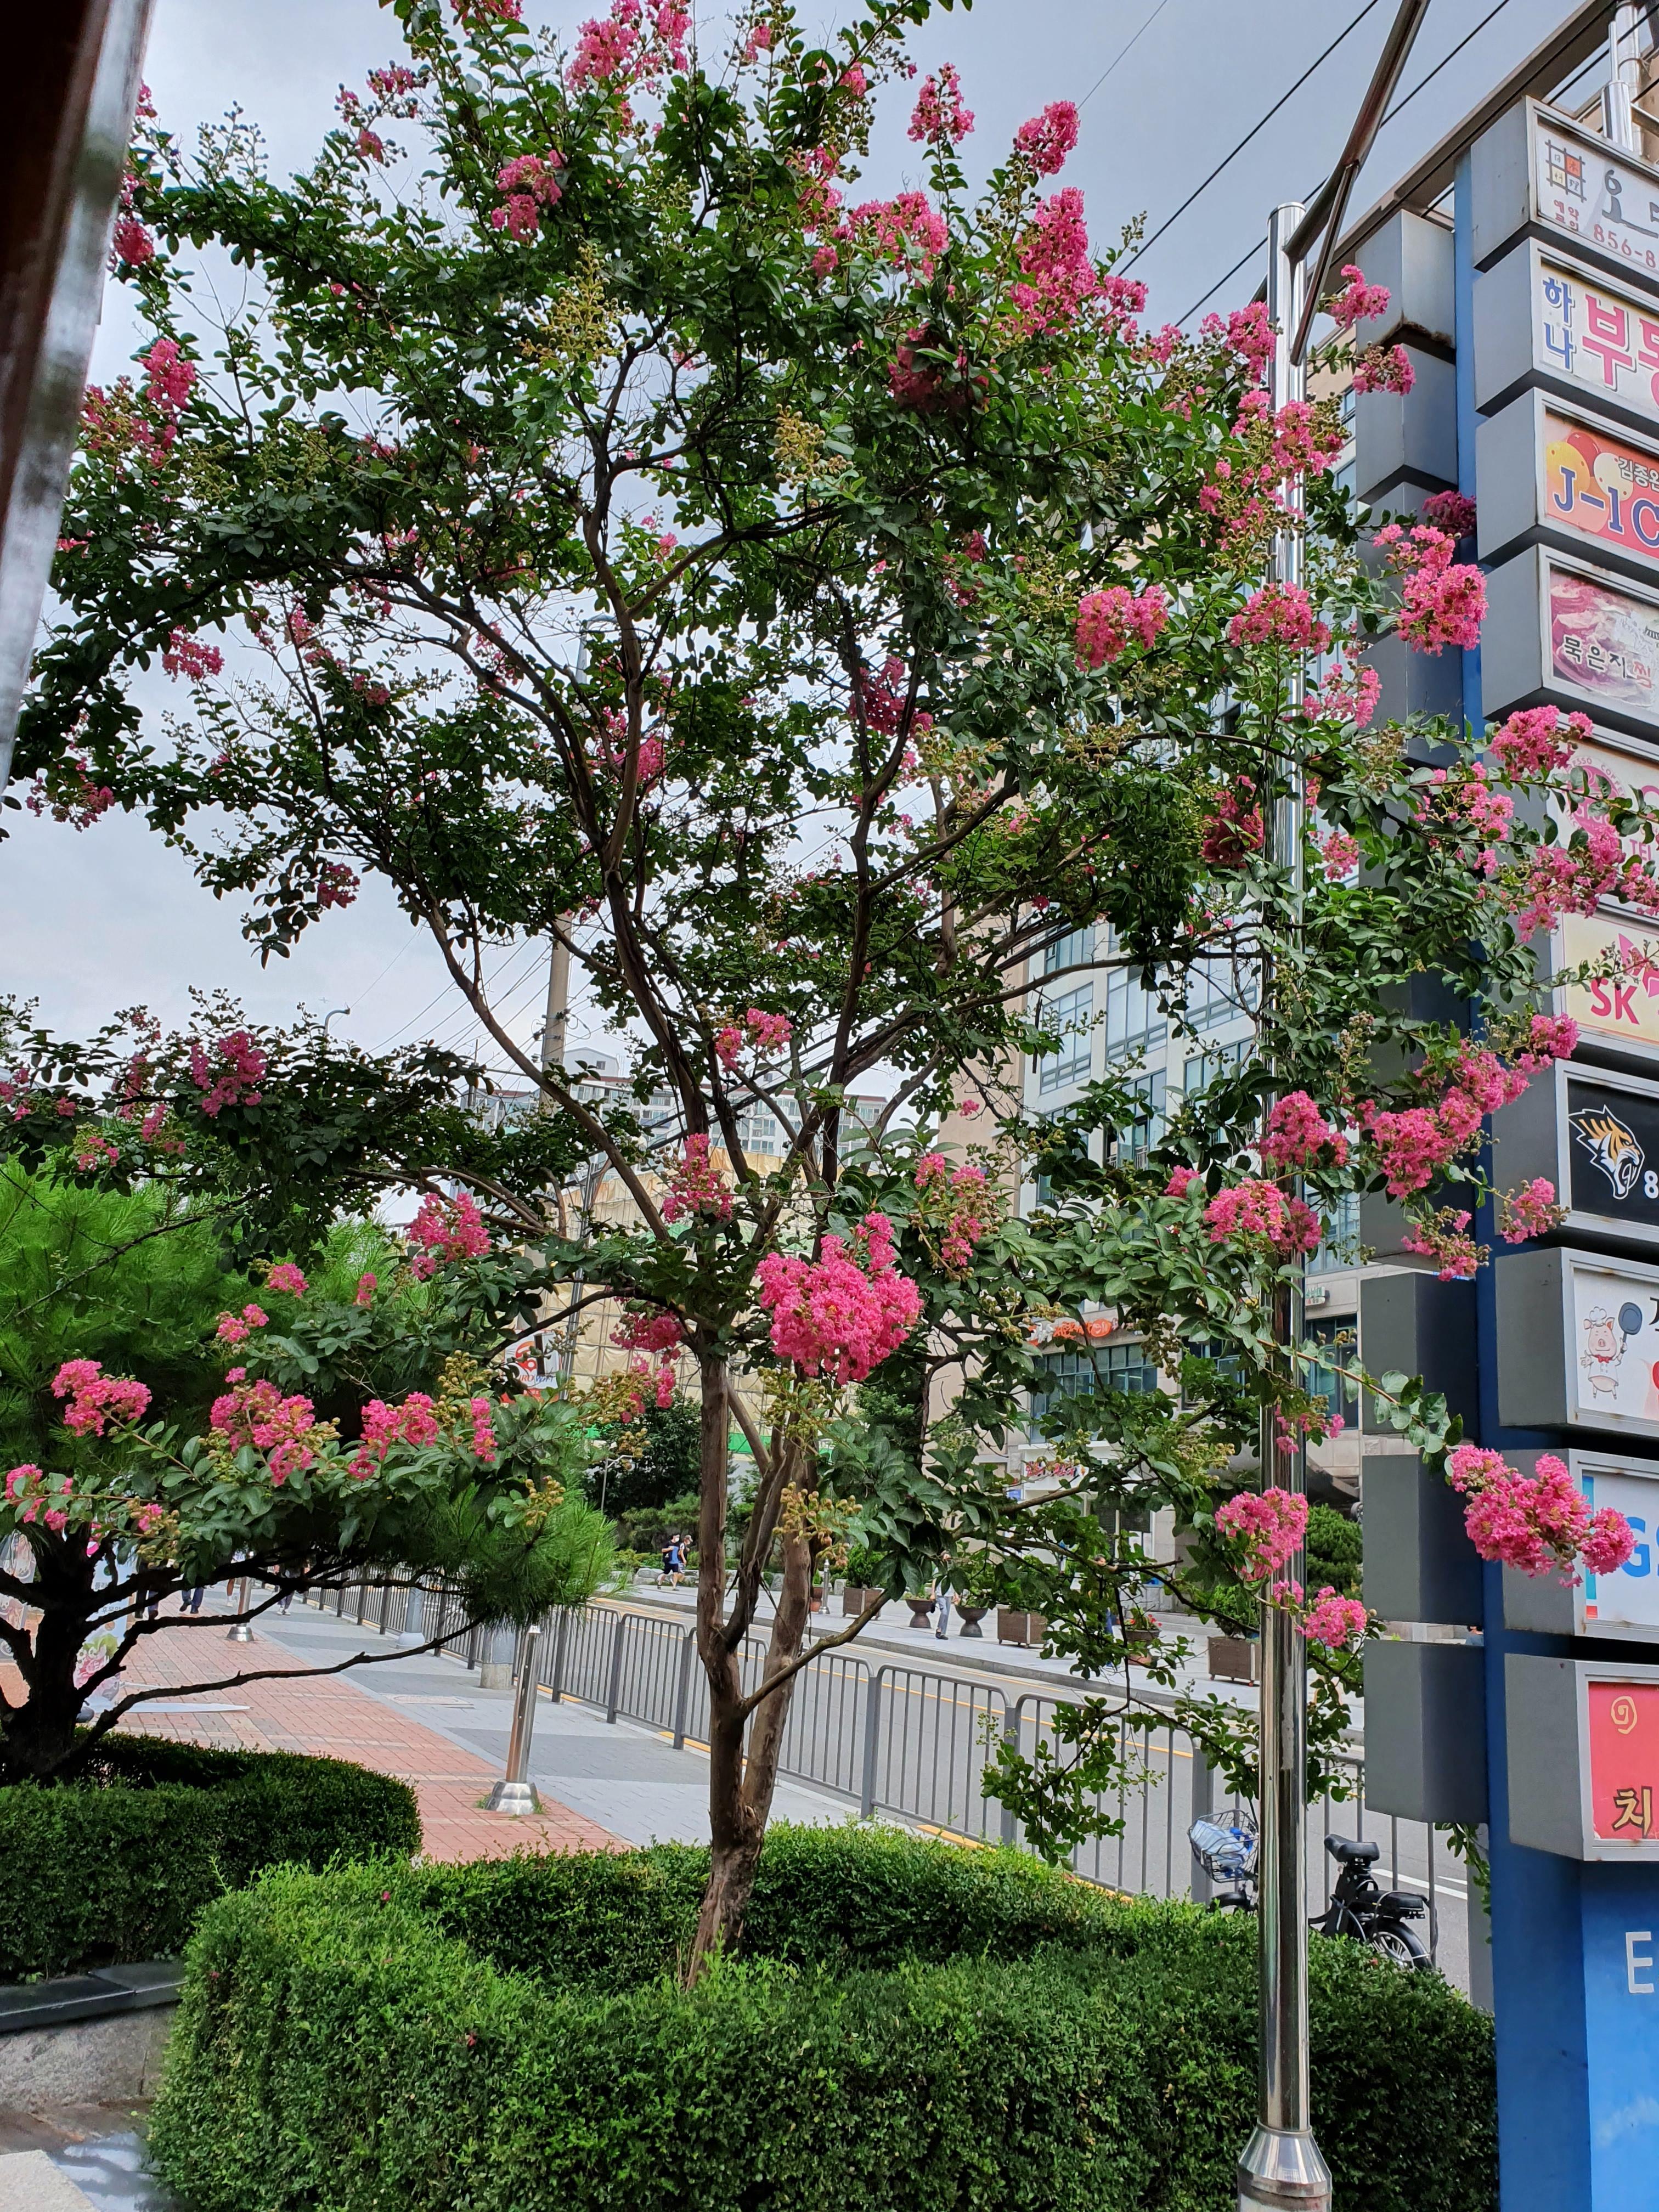 배롱나무에 분홍꽃이 탐스럽게 열렸네